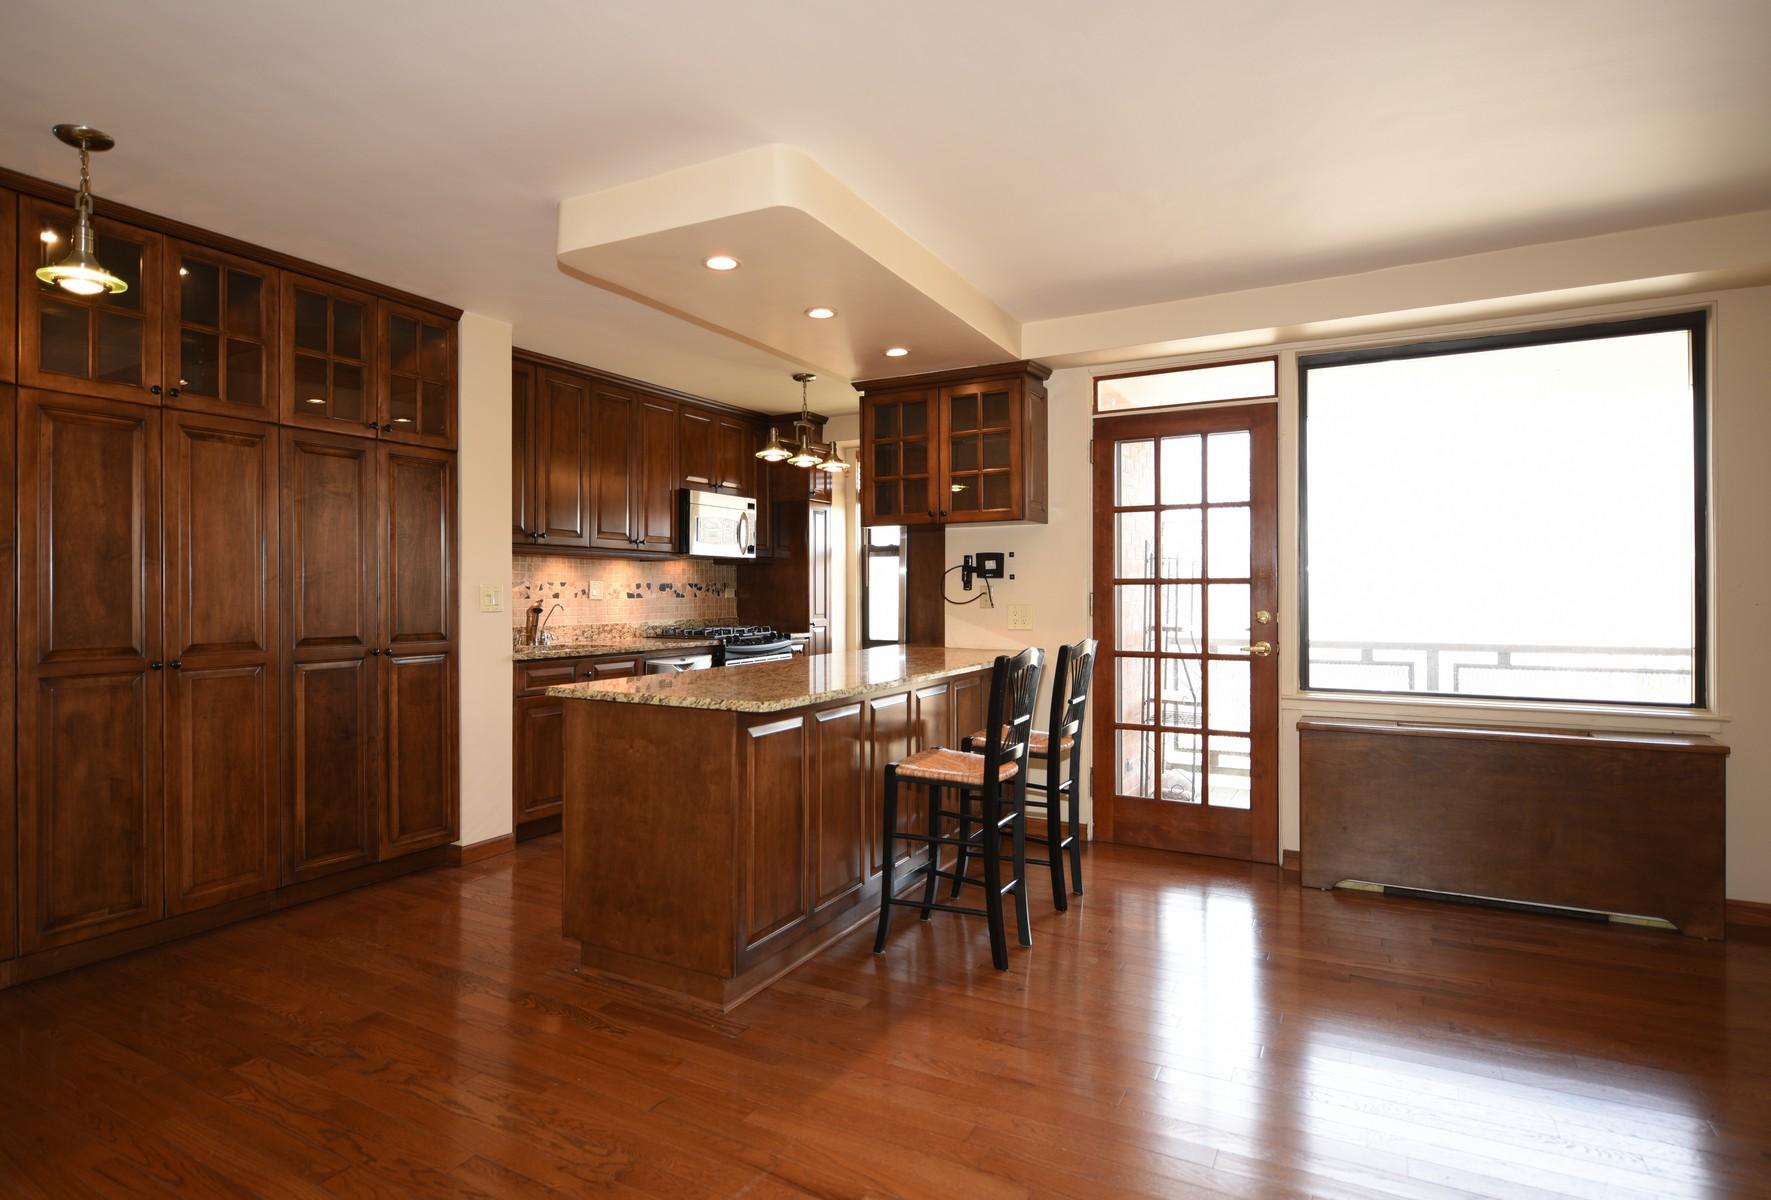 合作公寓 为 销售 在 Large & Renovated Corner 2 BR +Terrace 4901 Henry Hudson Parkway 8D Riverdale, 纽约州 10471 美国